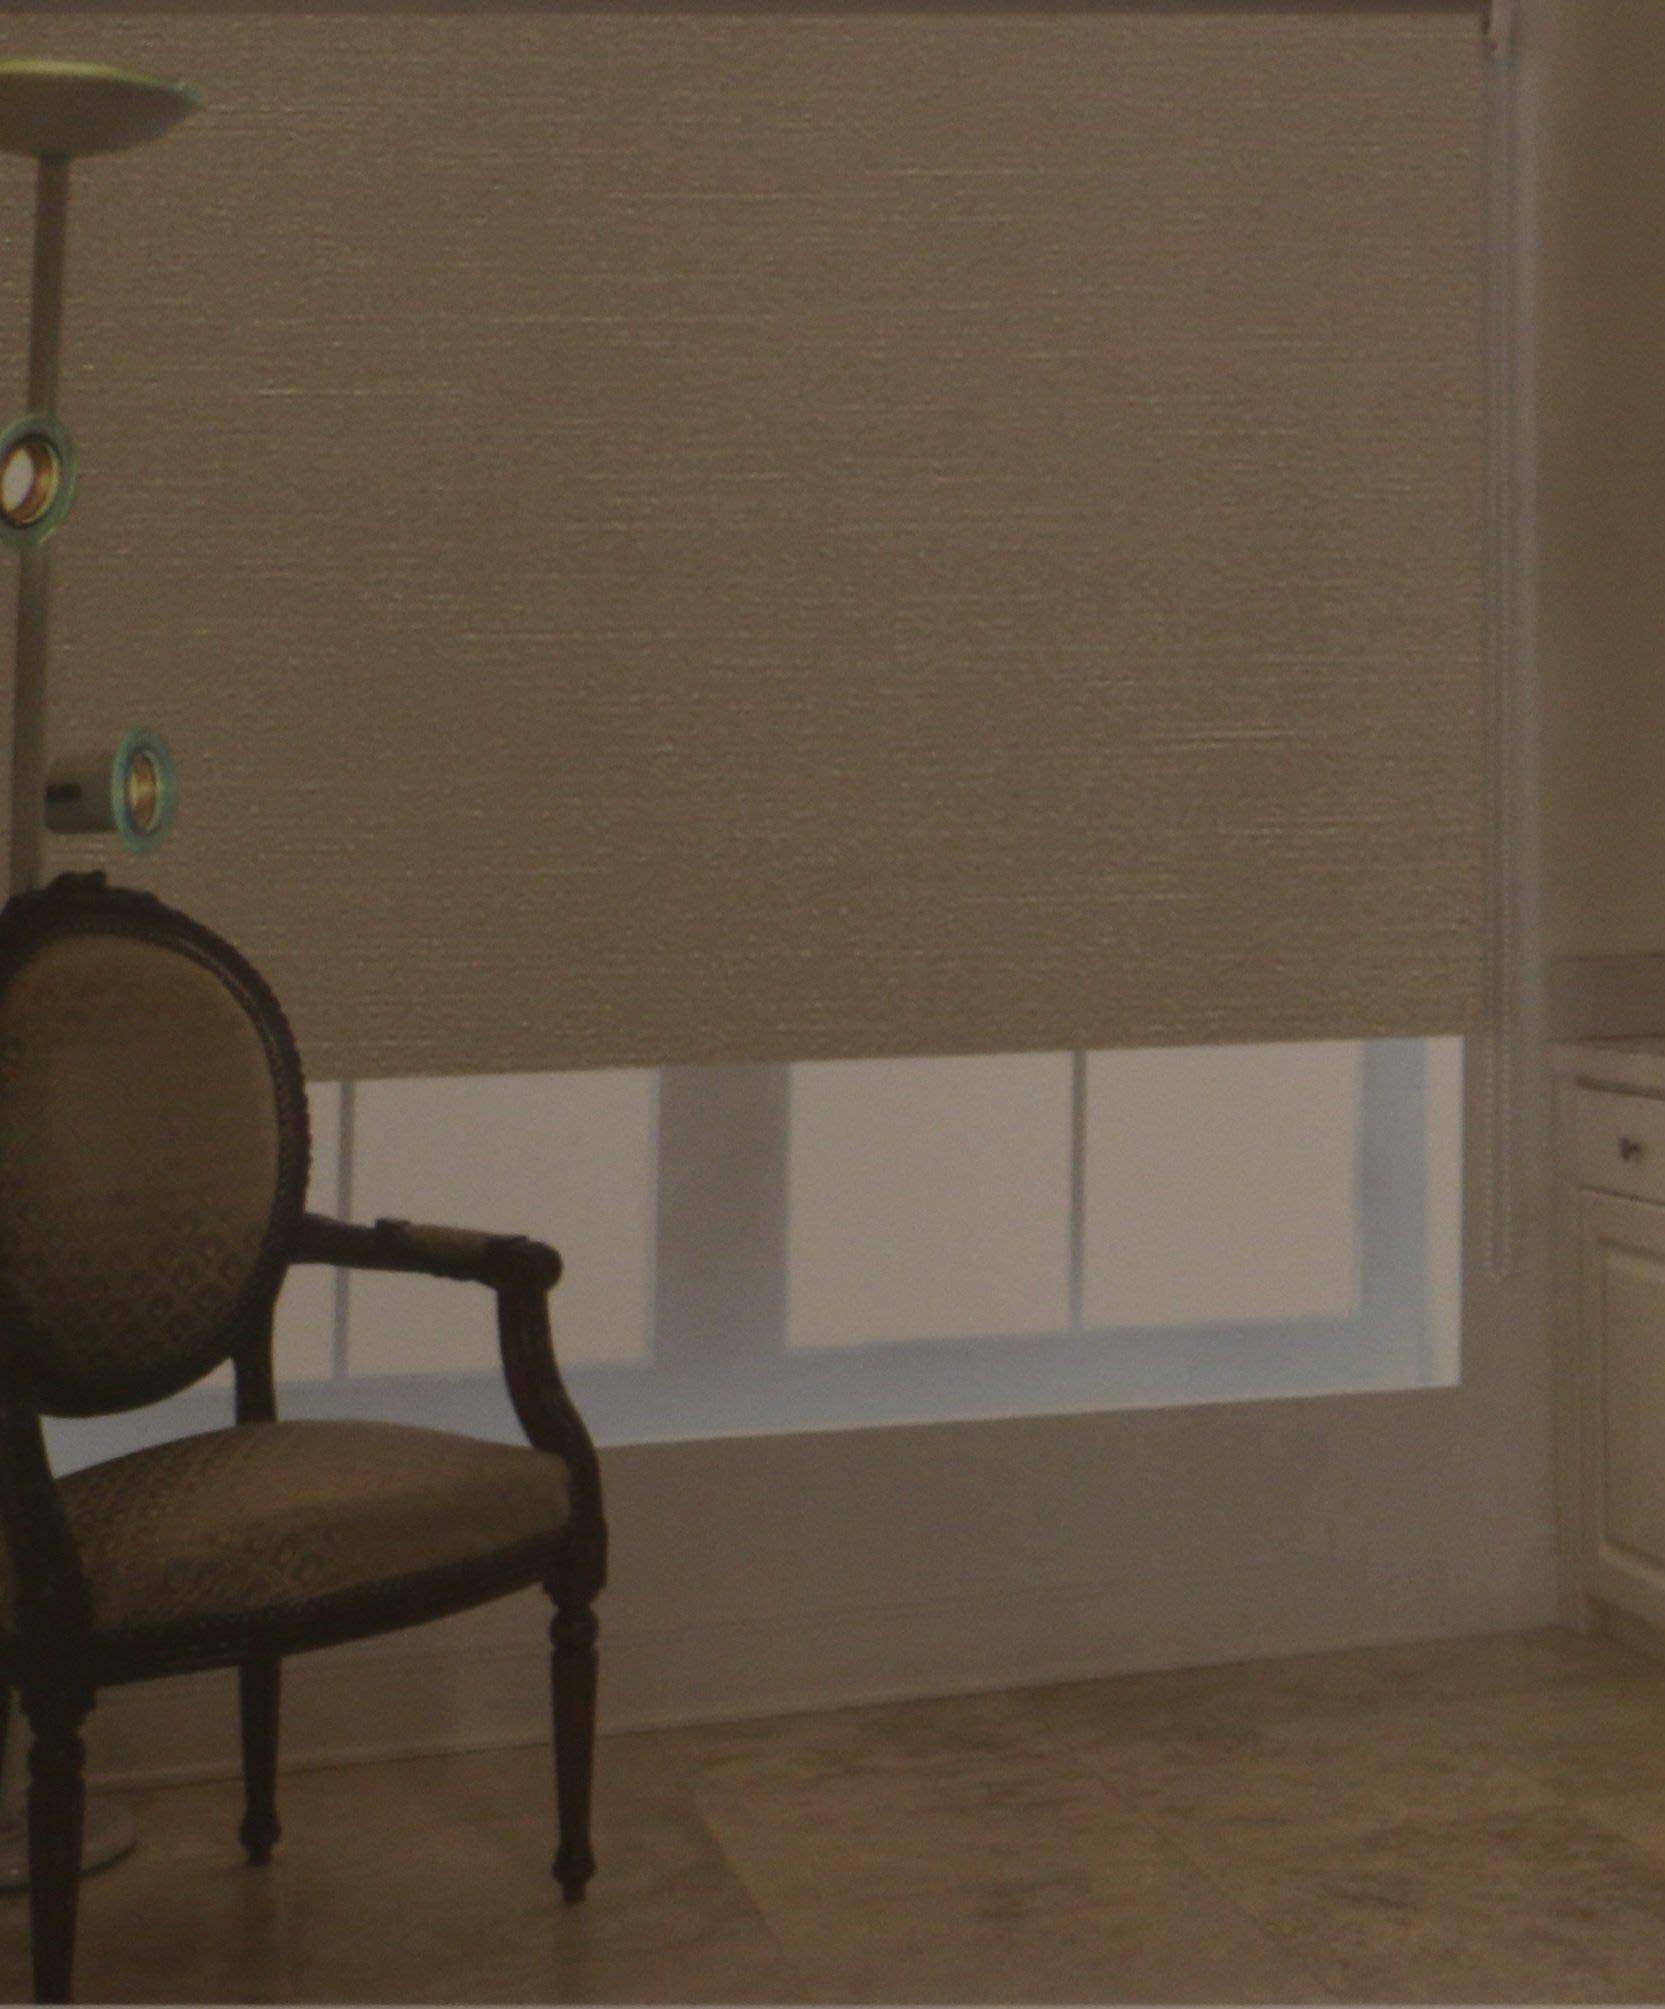 【巧巧窗簾】精品訂製窗簾、拉門、 捲簾緹花防燄遮光、浪漫花沙、窗簾布、活動拉門、各式歐式造型、門簾、桌巾、傢飾布料、壁紙